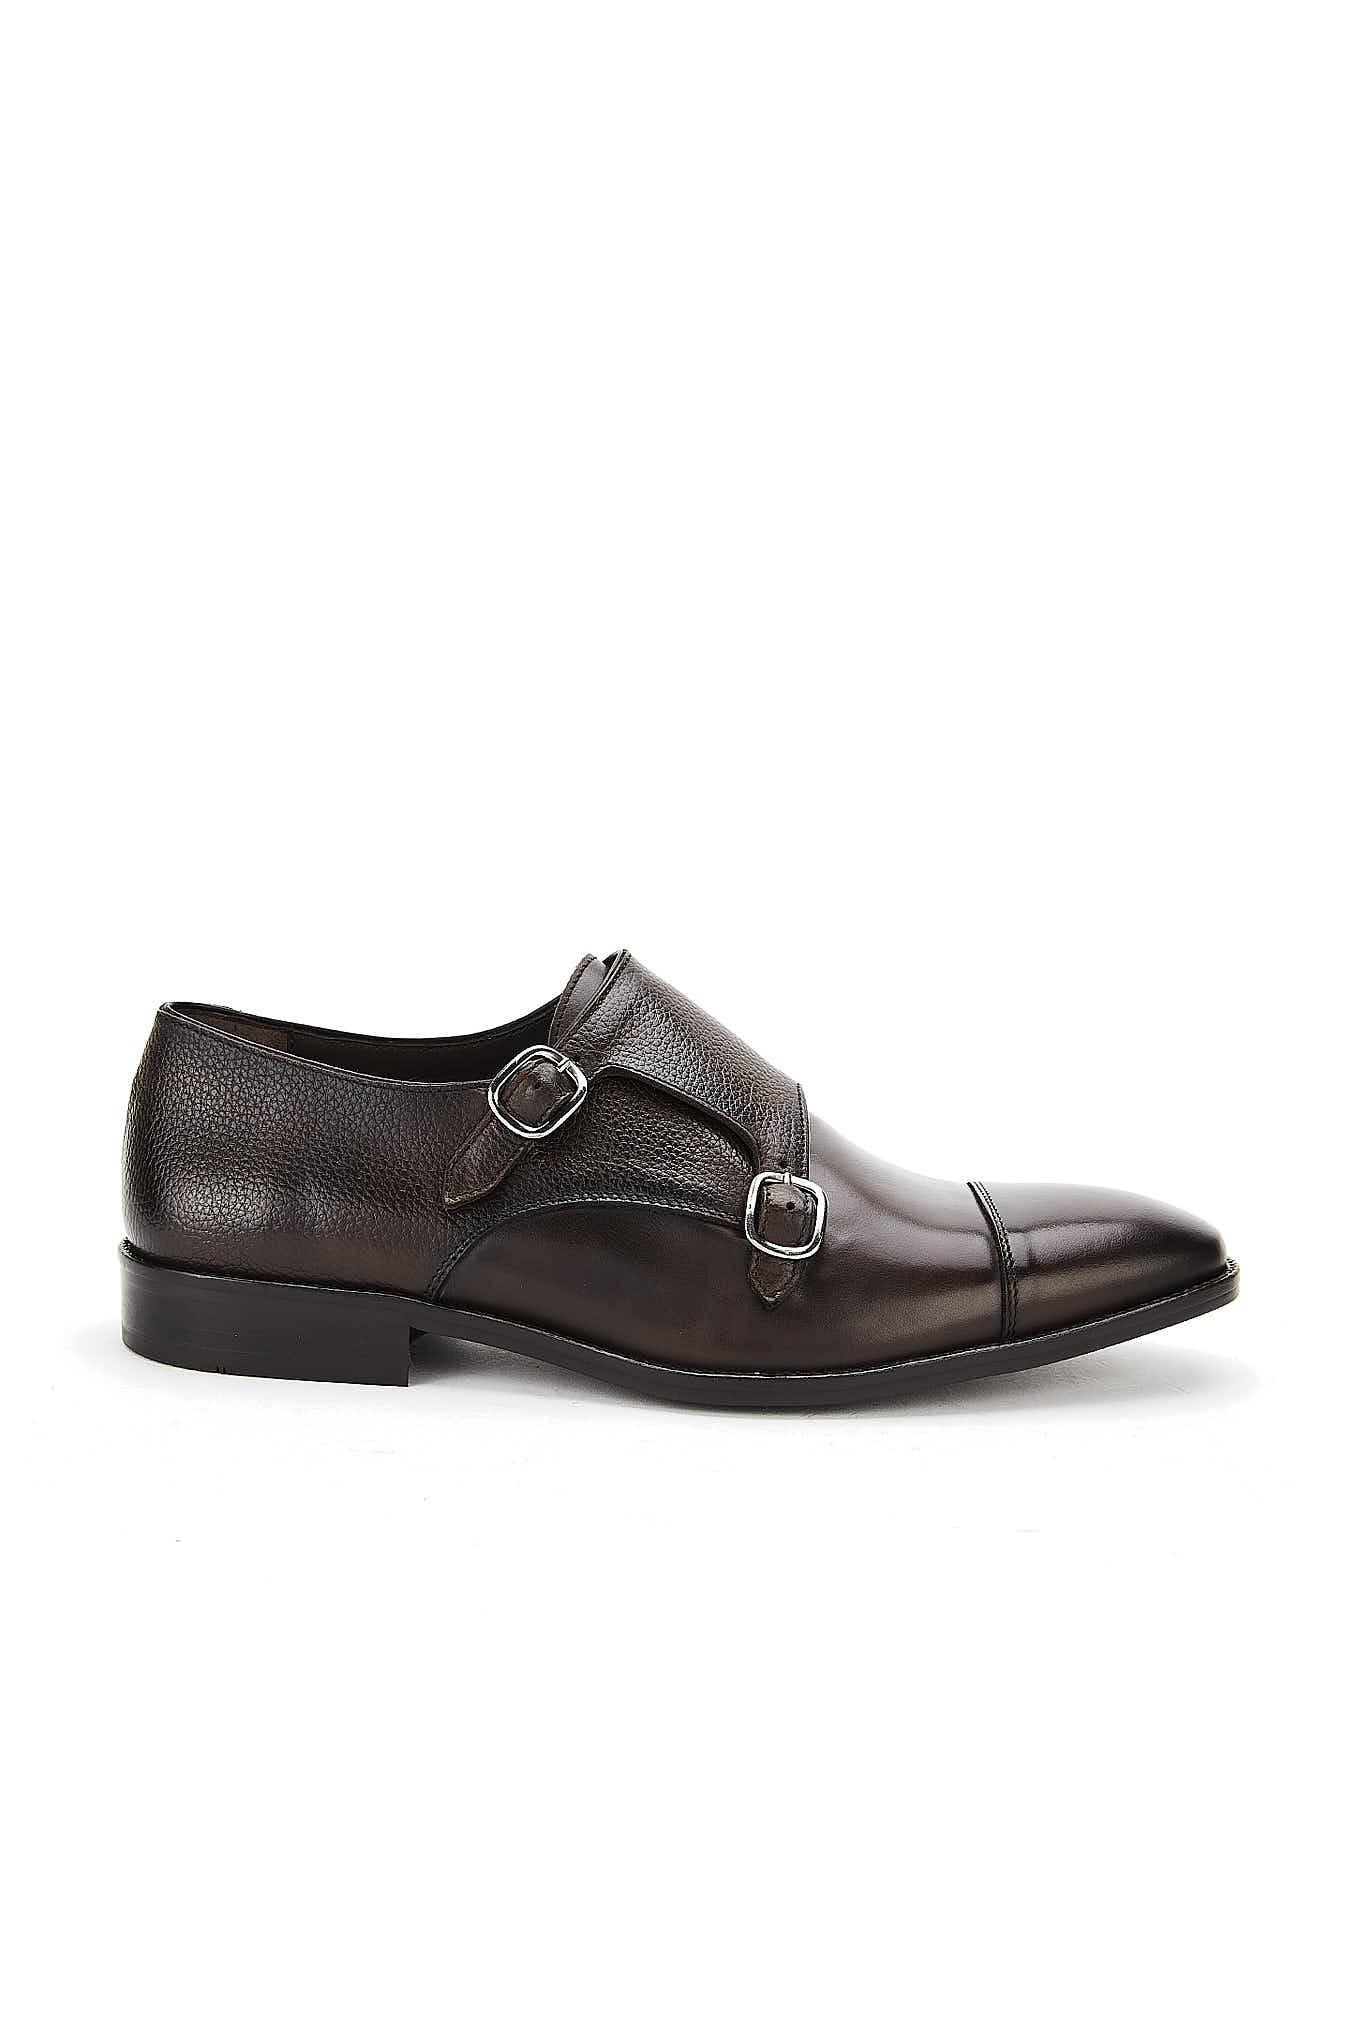 Sapatos Chocolate Casual Homem